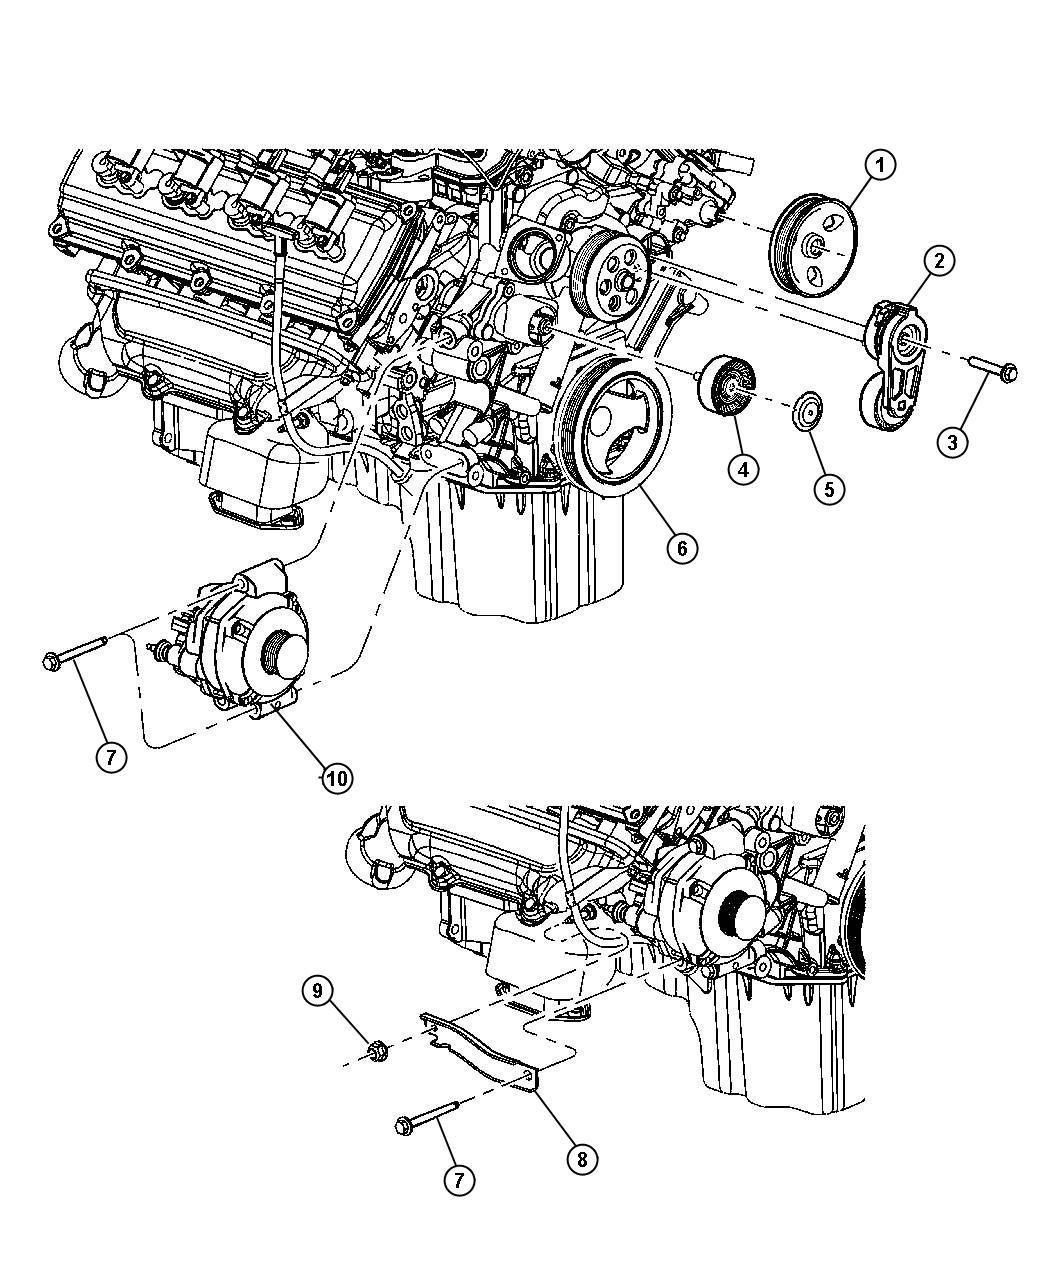 Dodge Charger Generator Engine 160 Amp Alternator